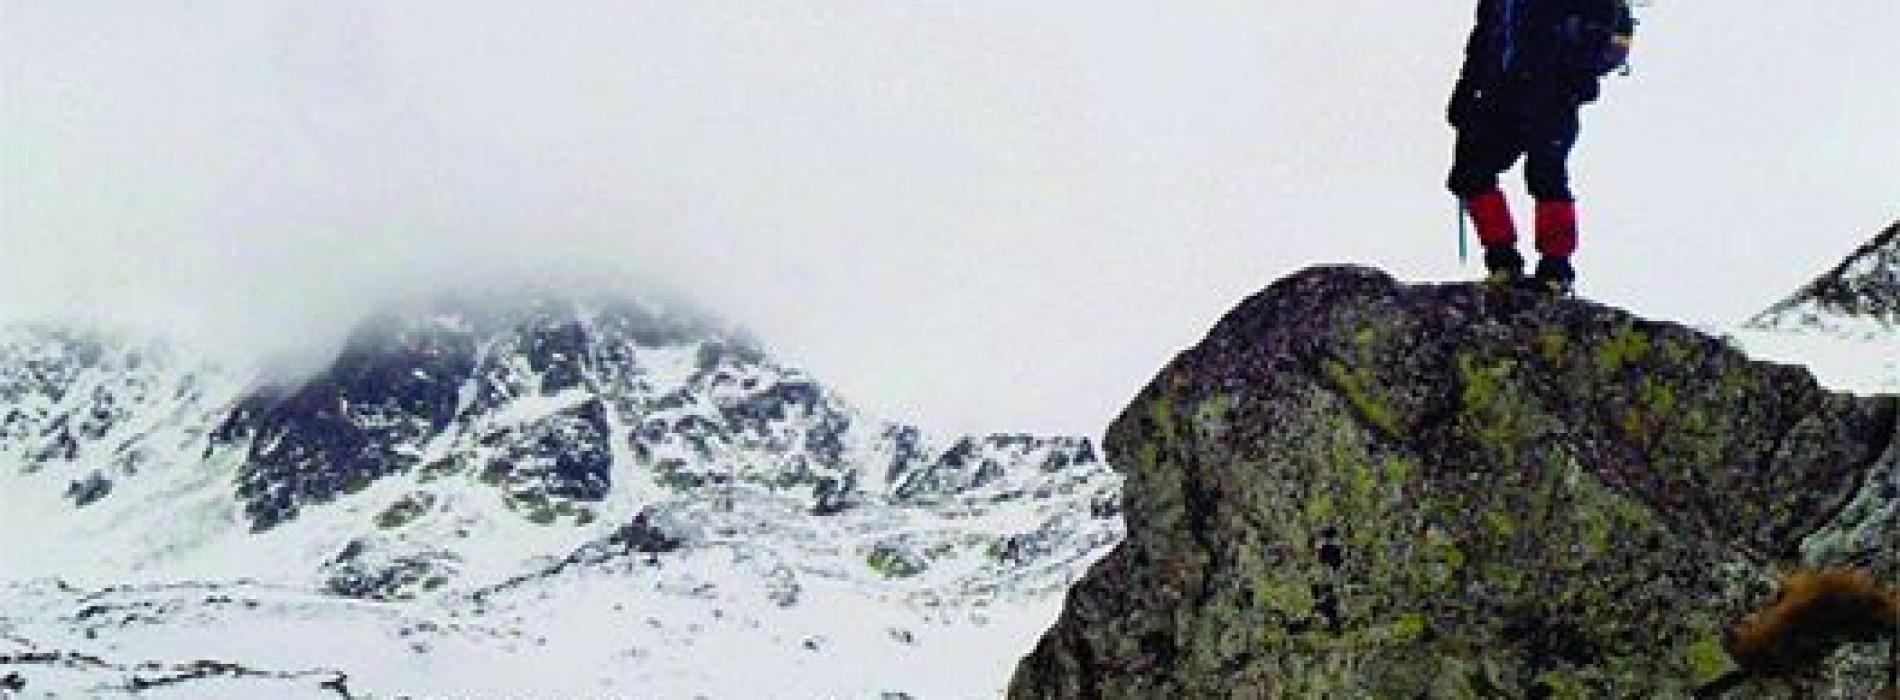 Alpinistul Florin Pop Vancea este in 2014 imaginea brandului Trespass in Romania